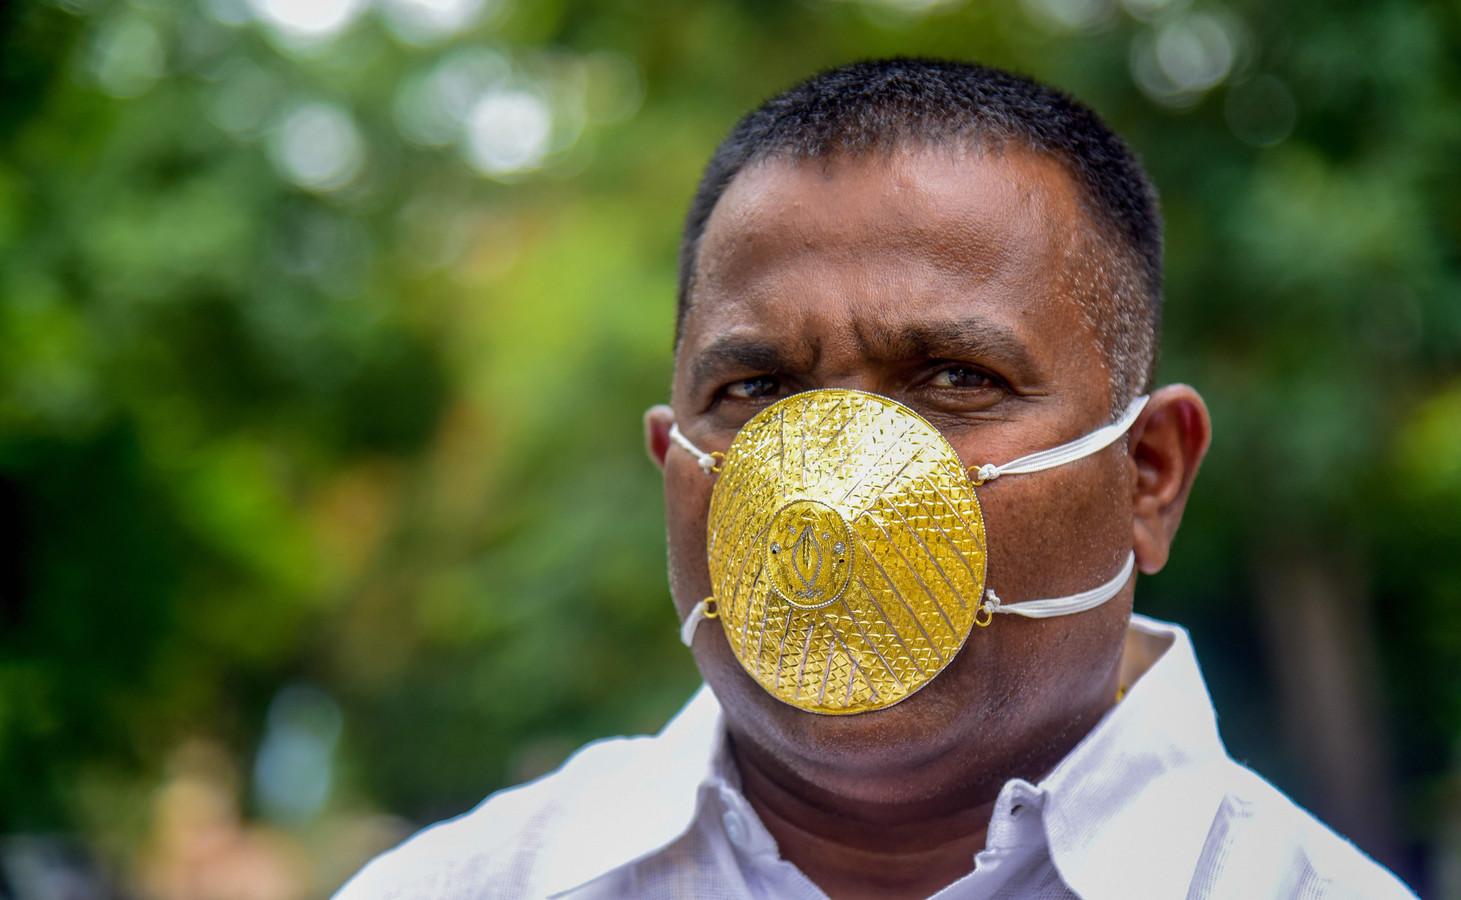 Shankar Kurhade et son masque en or.